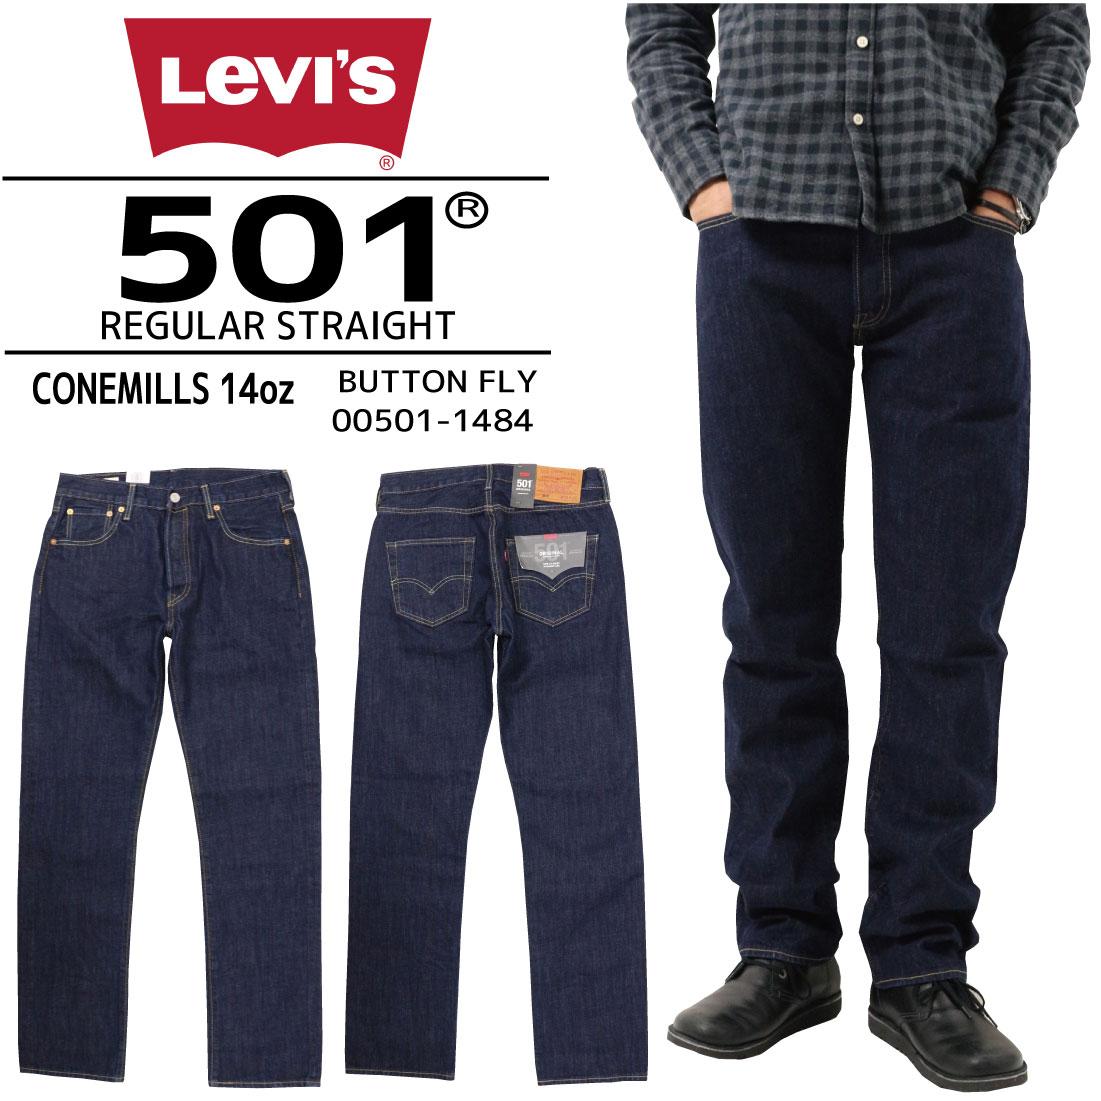 Levi's リーバイス 501ジーンズボタンフライ レギュラー ストレート リンス クリスピーリンス 00501-1484 綿100% デニム メンズ ボトムス LEVI'S